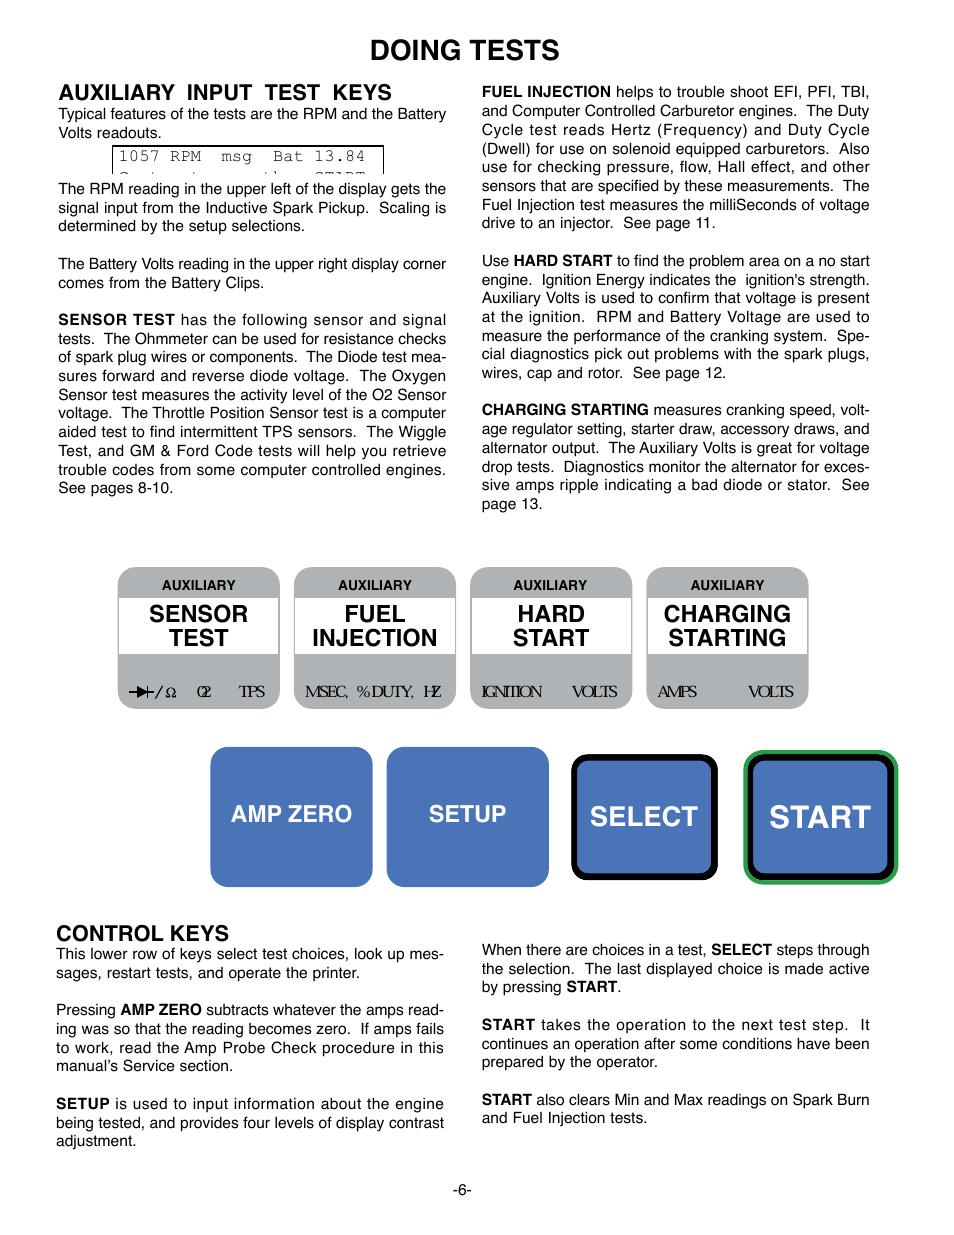 Start, Doing tests, Select | GxT Ferret 63 DIAGNOSTIC ENGINE